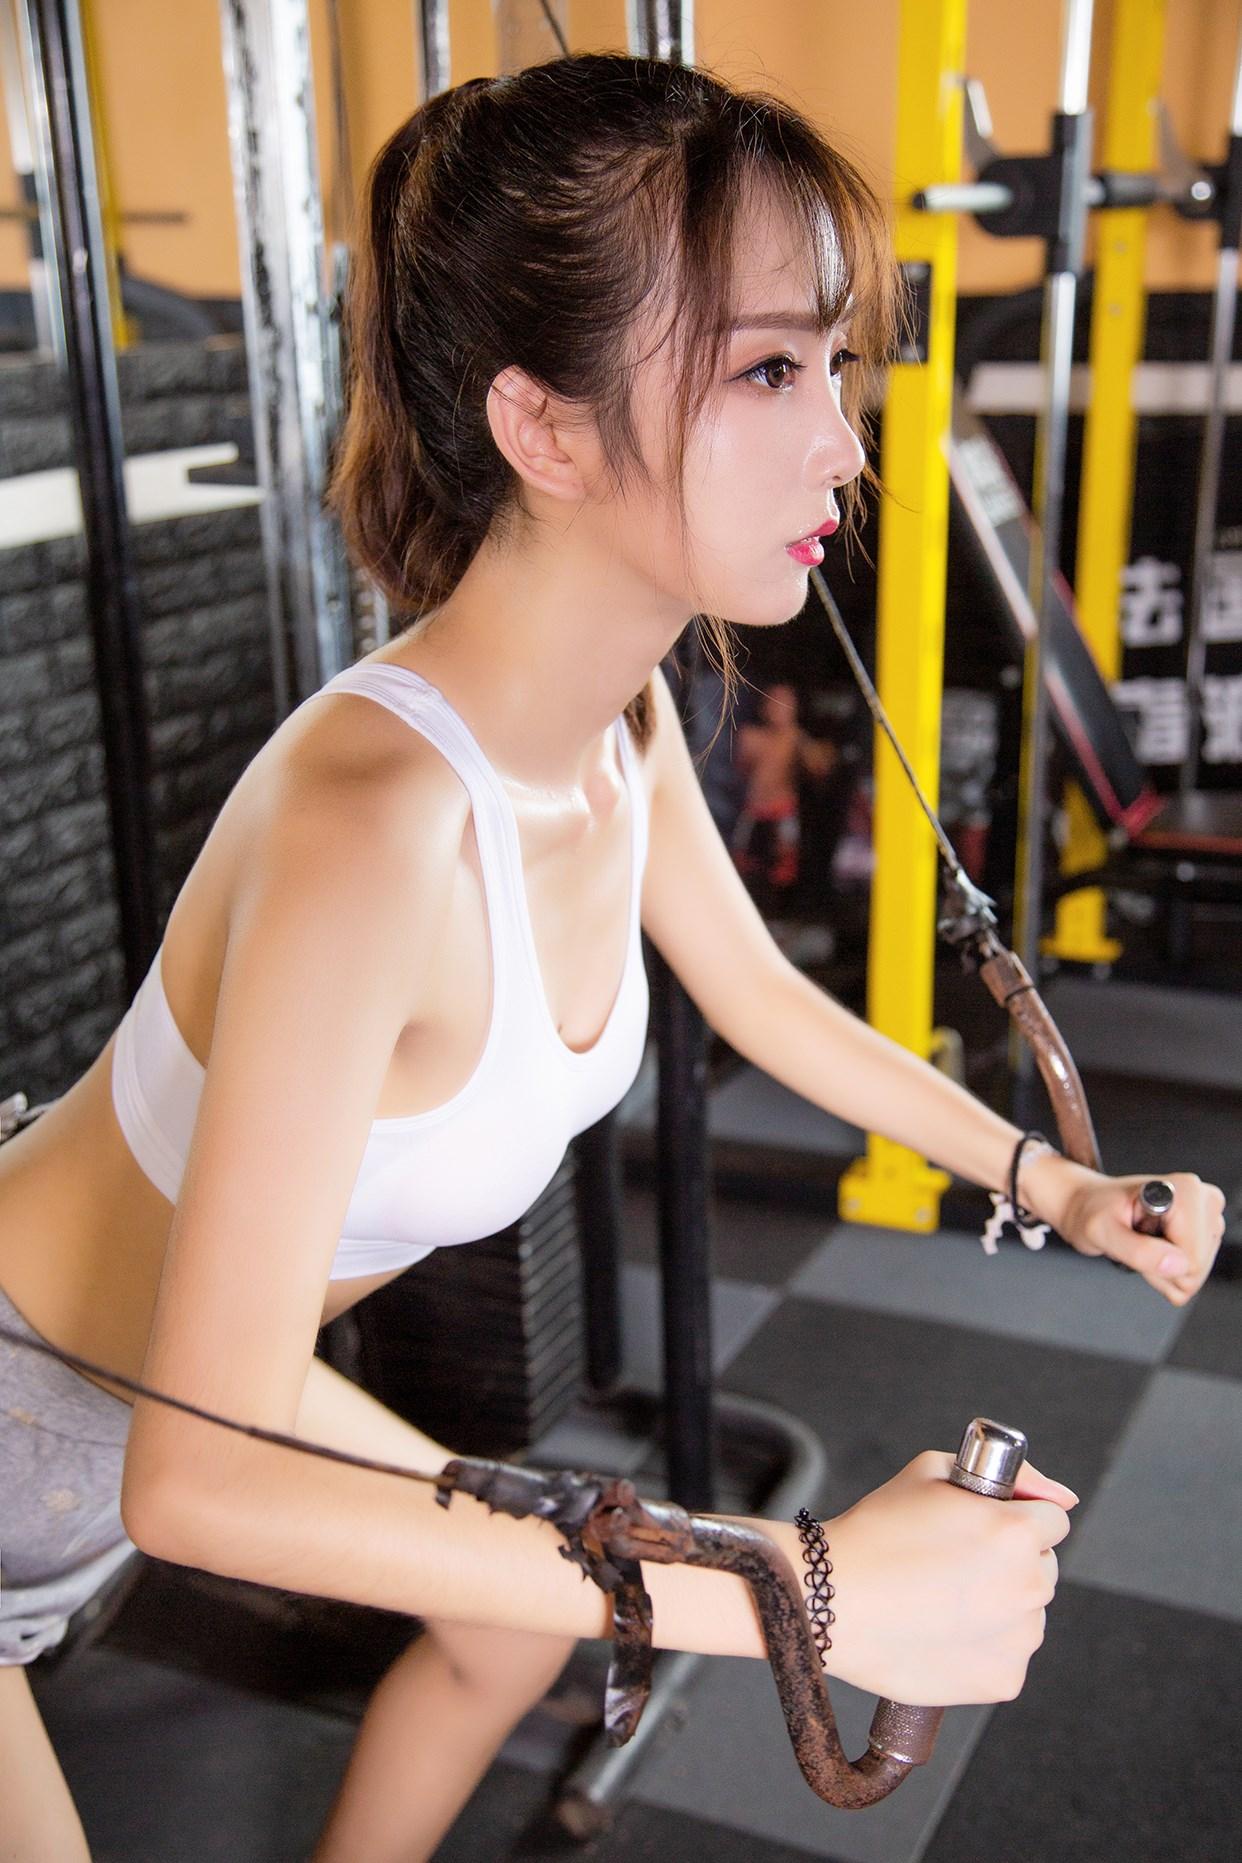 【兔玩映画】健身房的少女 兔玩映画 第29张